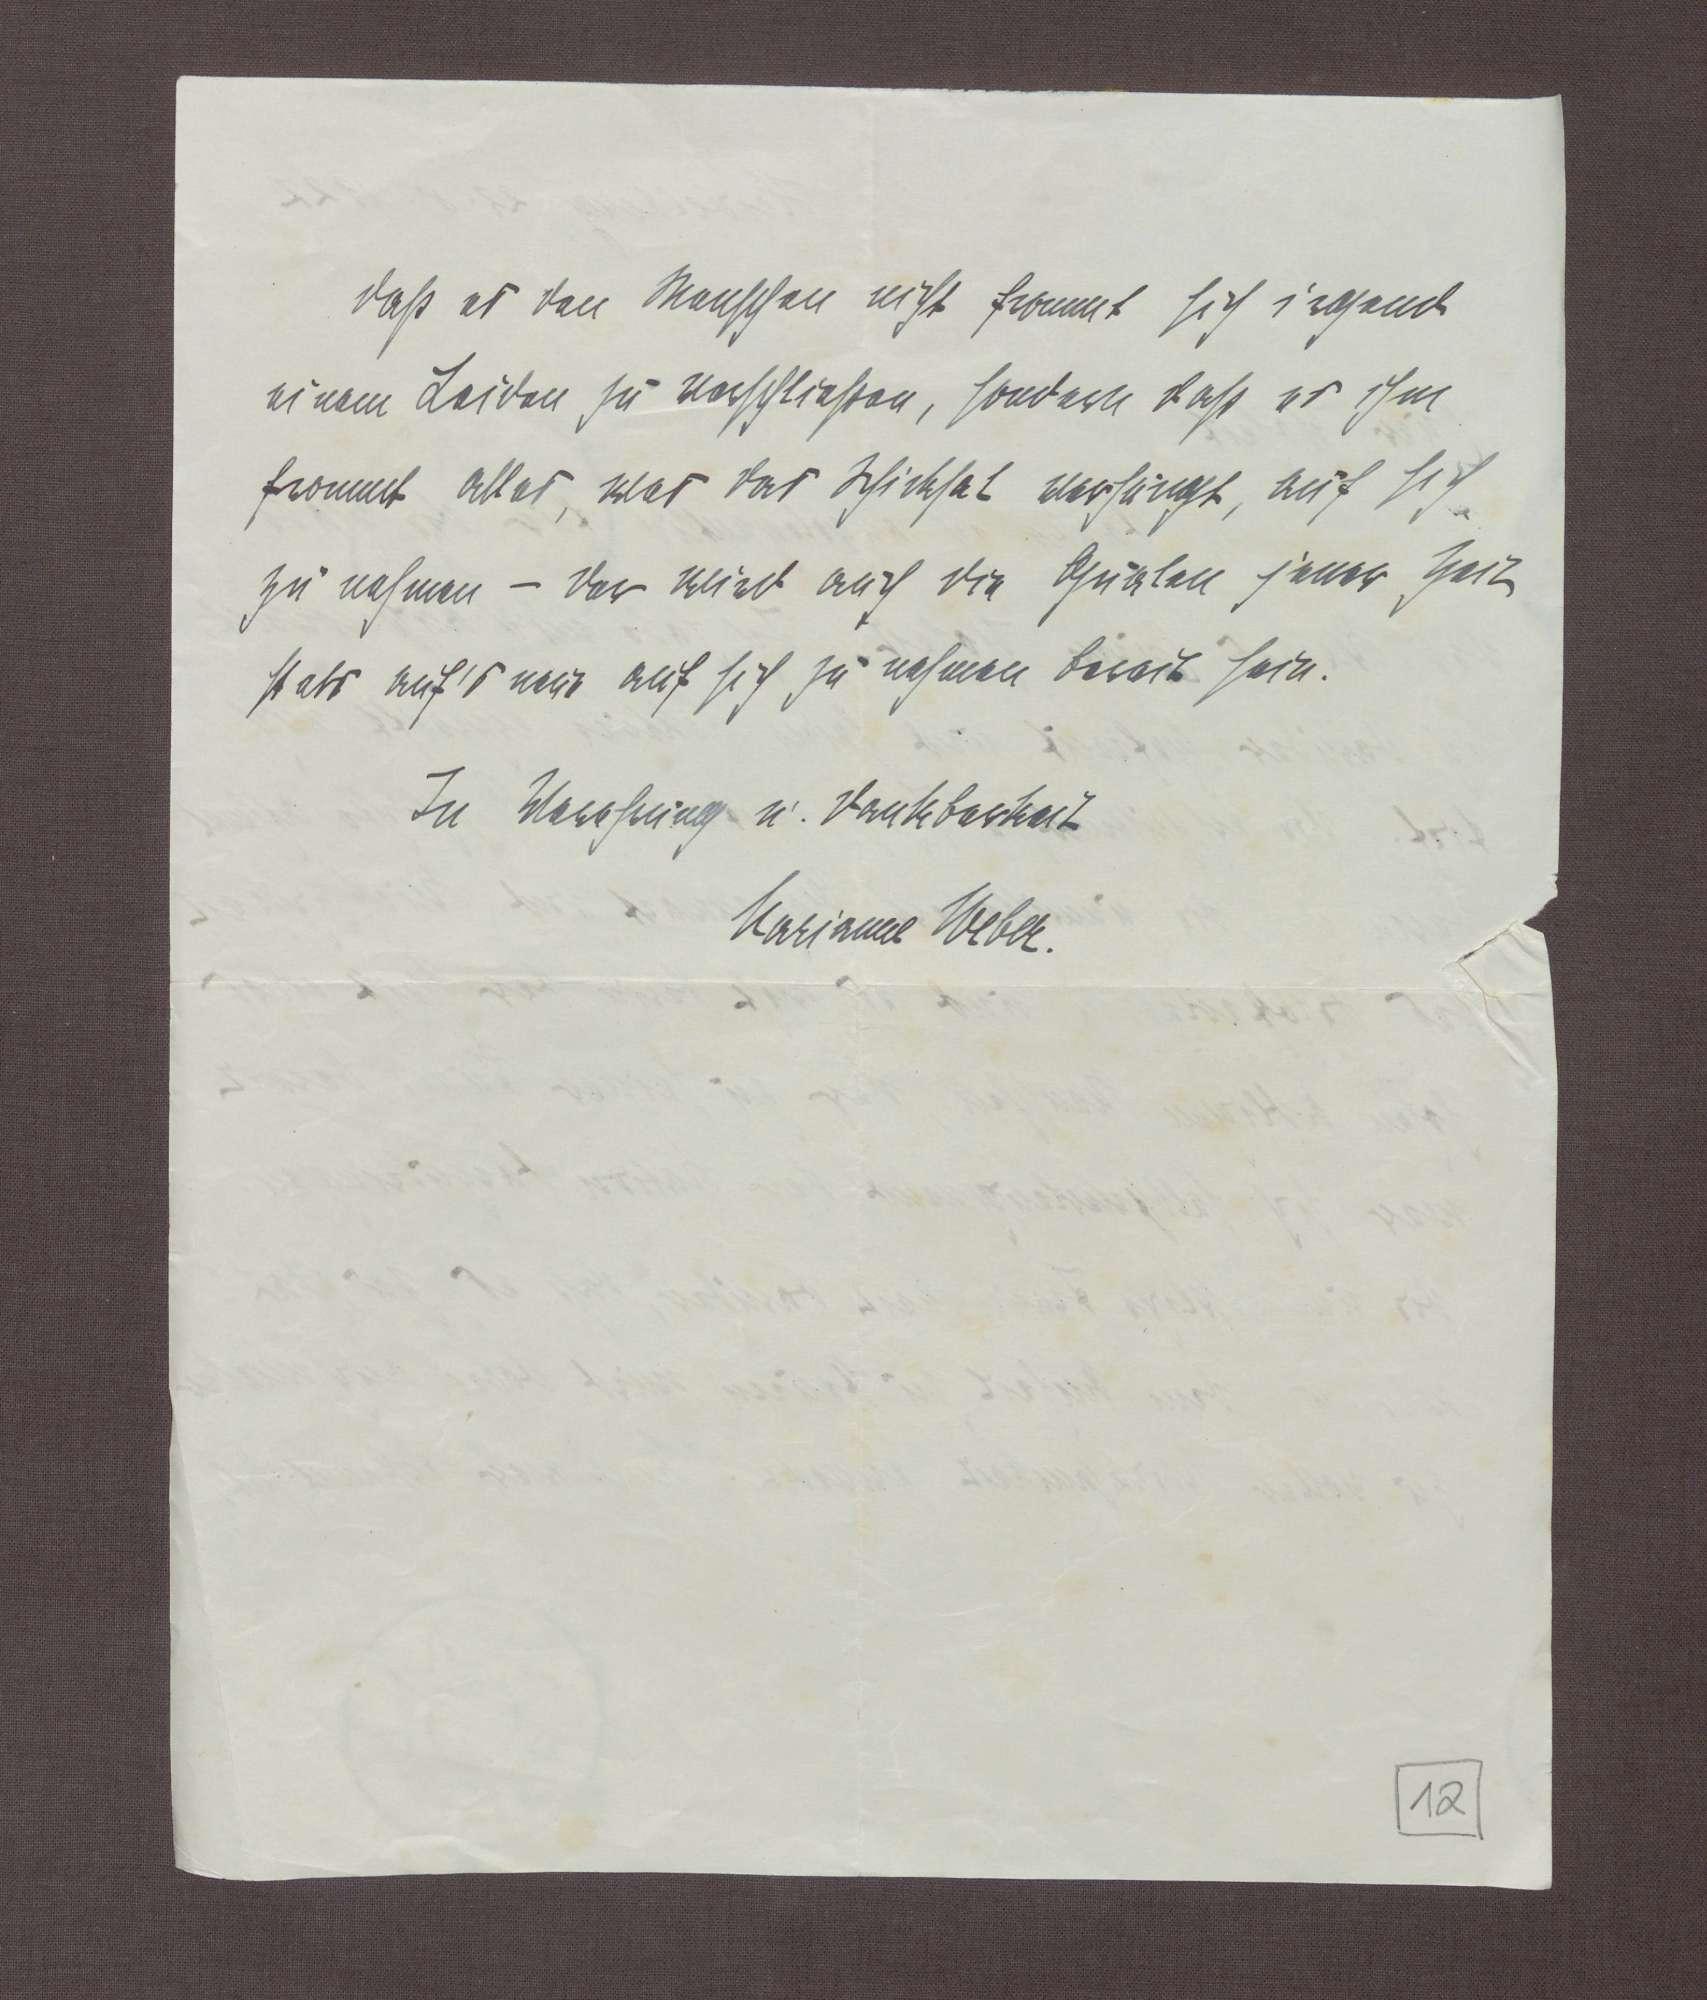 Schreiben von Marianne Weber an Prinz Max von Baden; Dank für die Zusendung der Memoiren des Prinzen Max, Bild 2